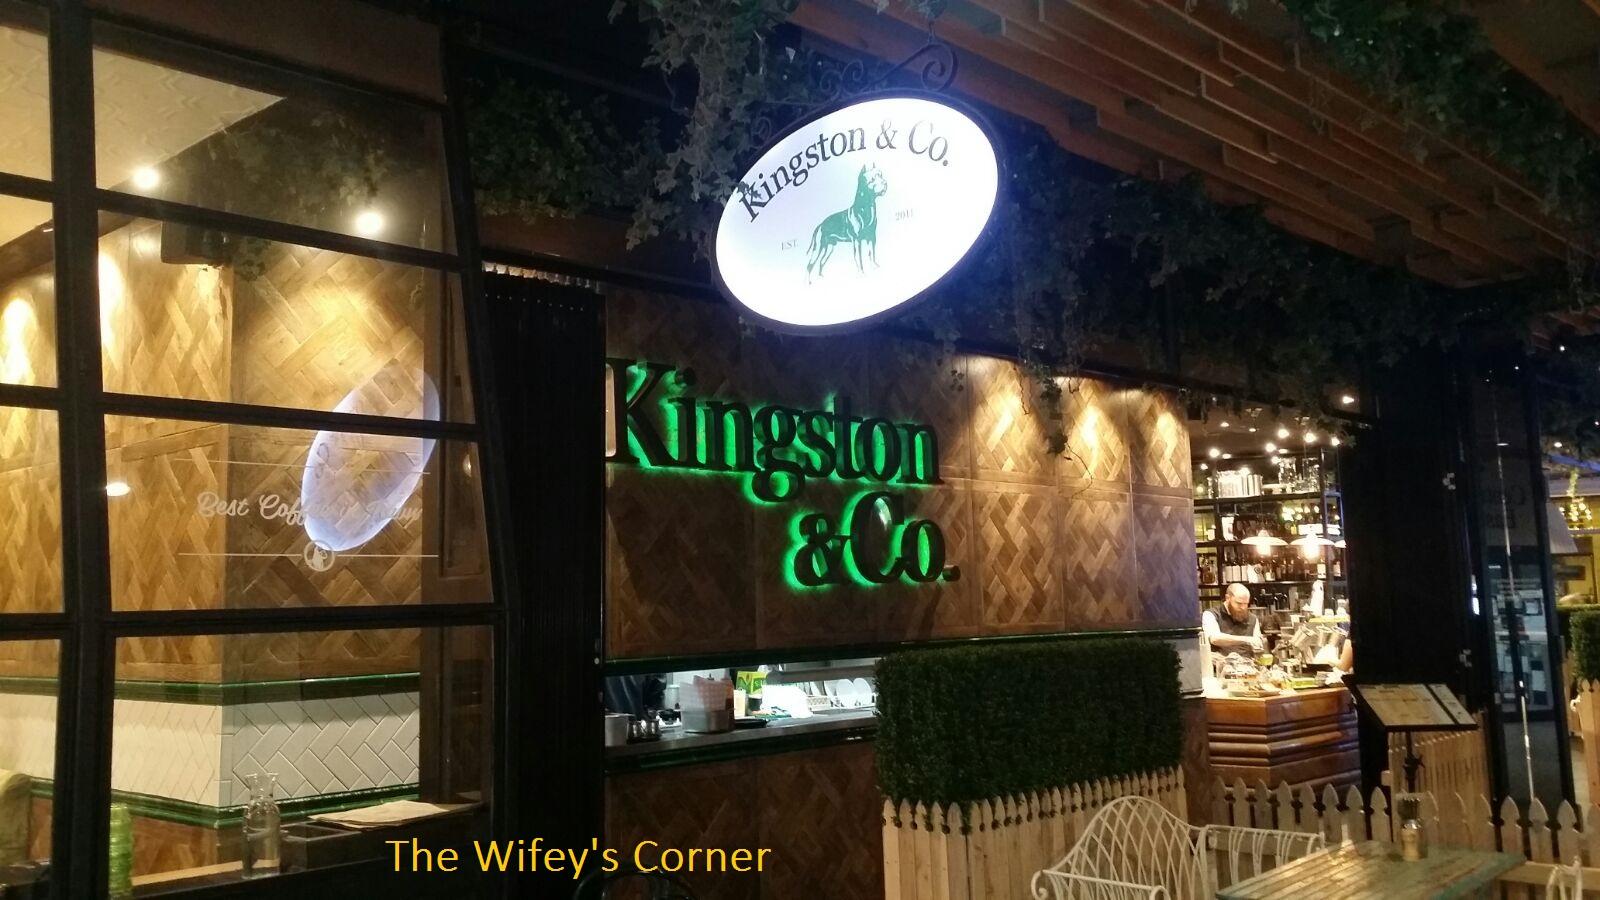 [Review] Kingston & Co @ Eastgarden Westfield, Sydney